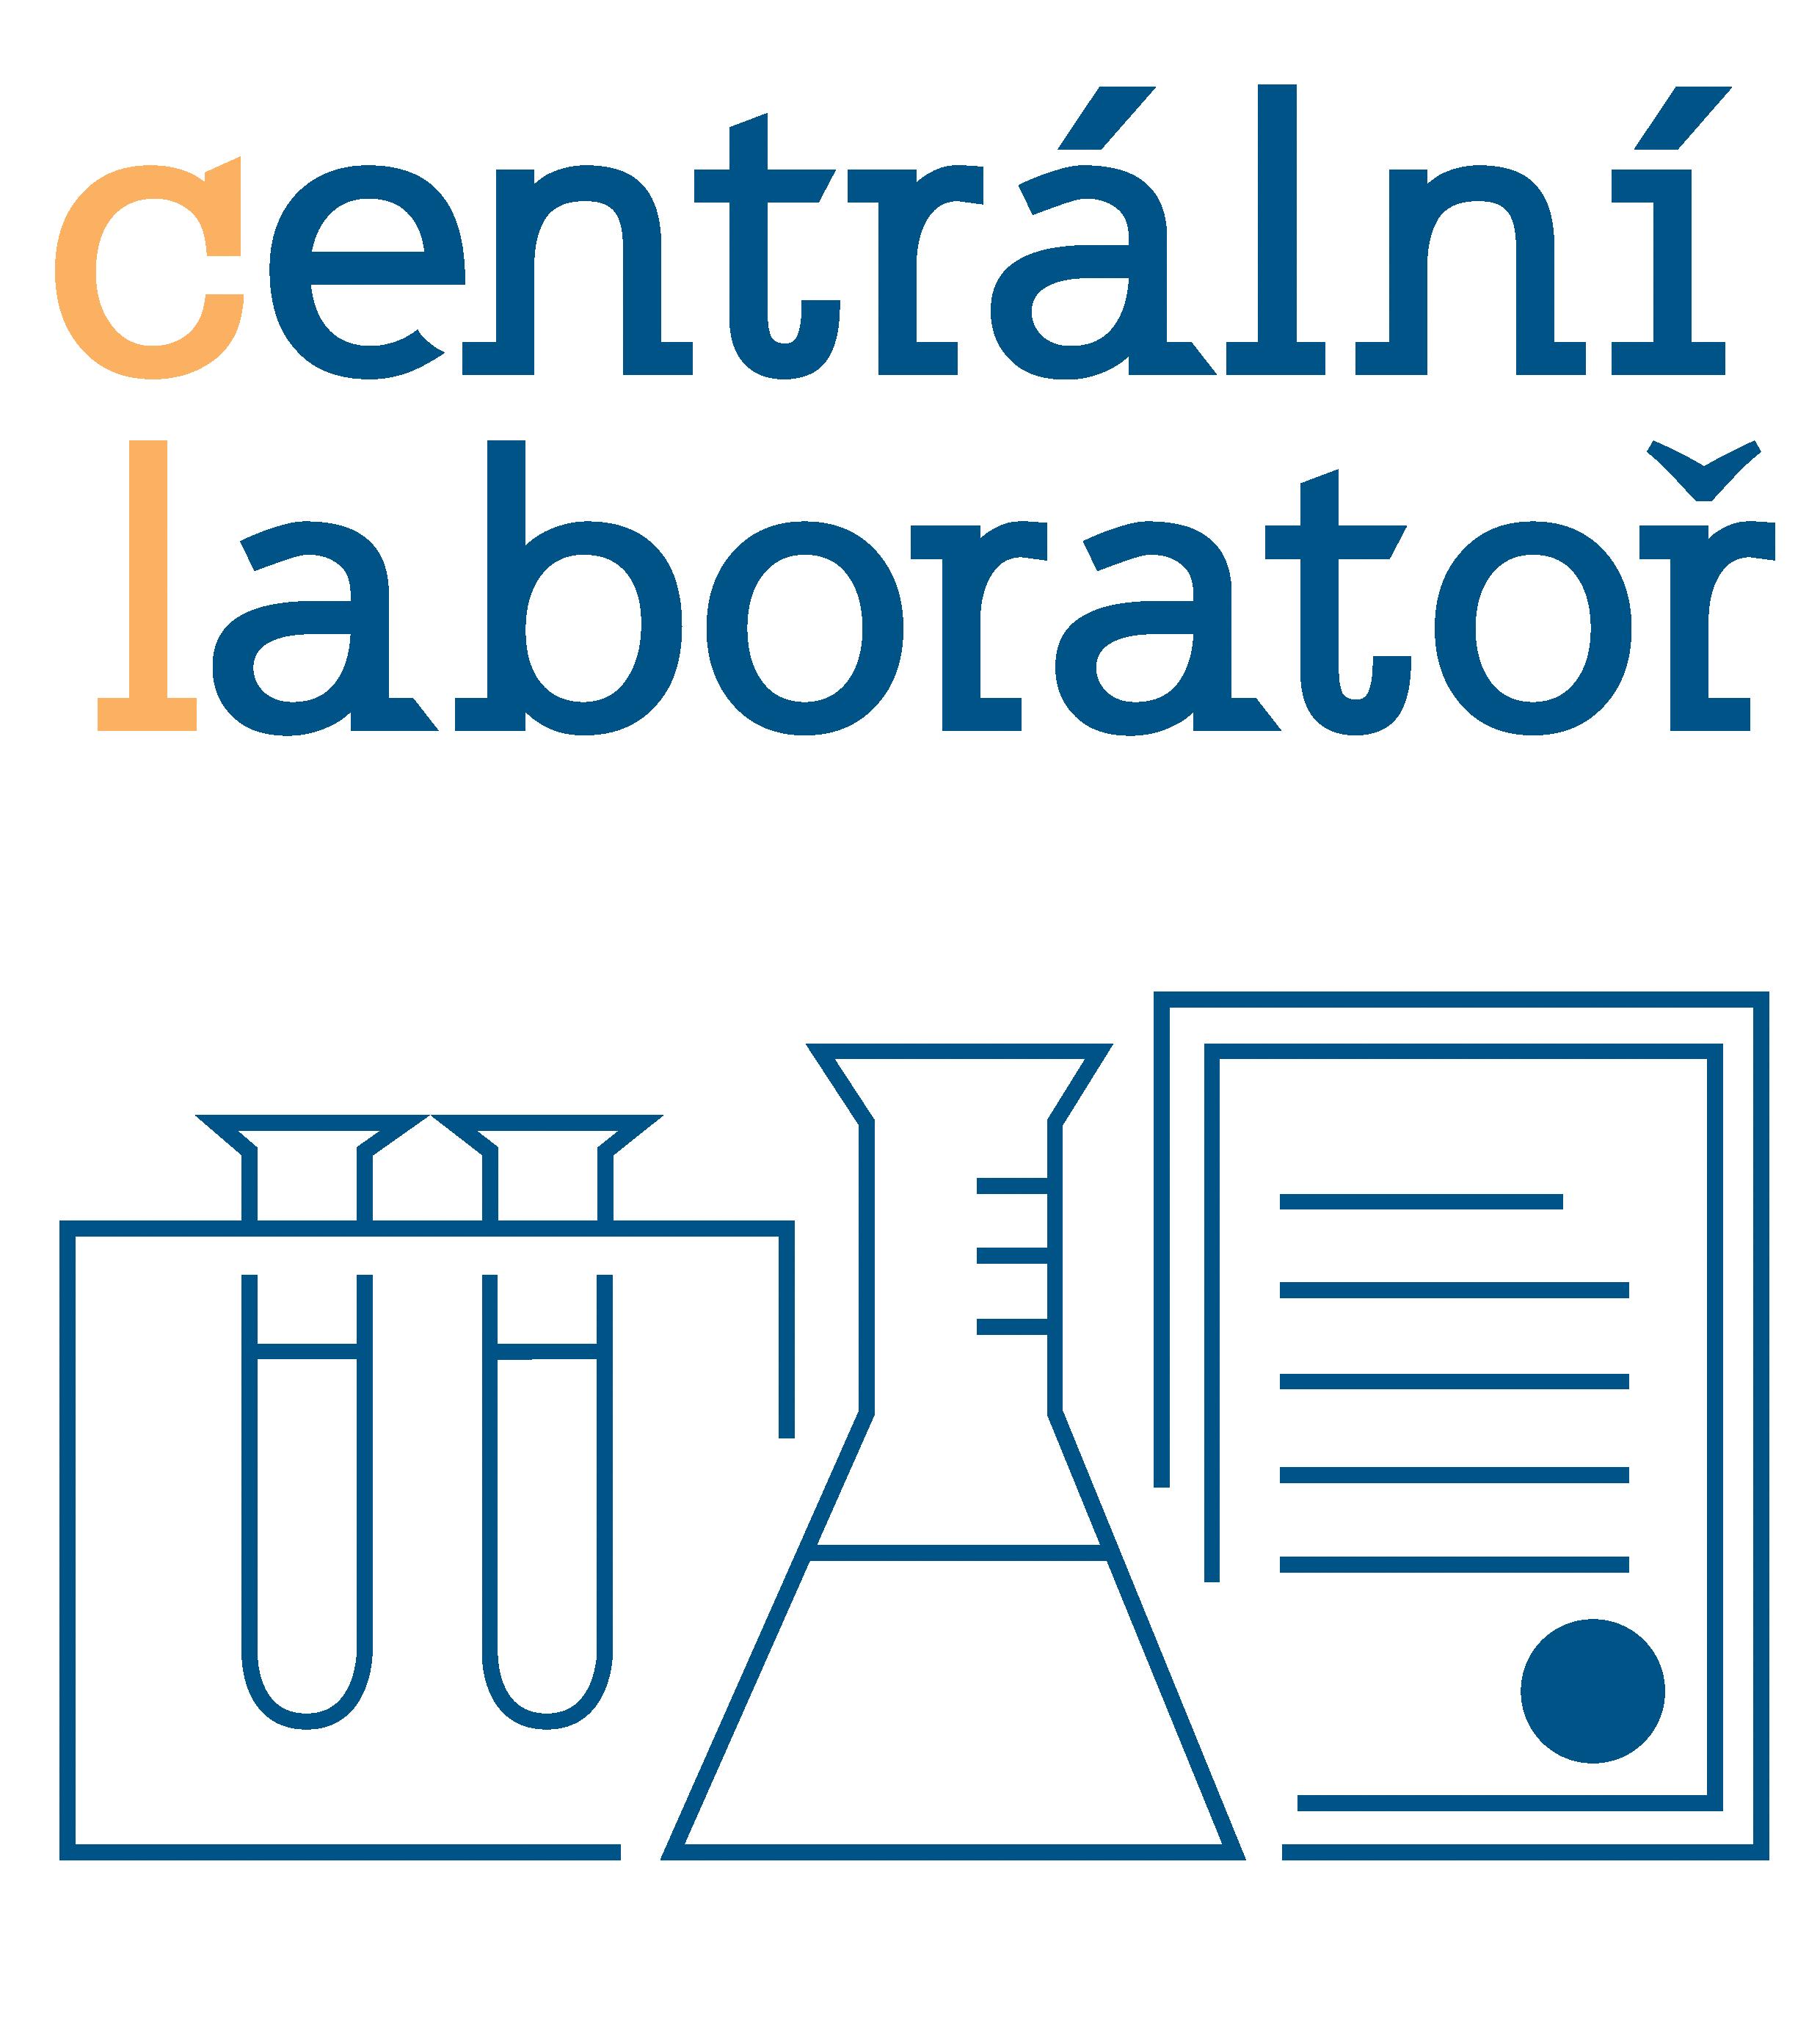 Centralni laborator logo